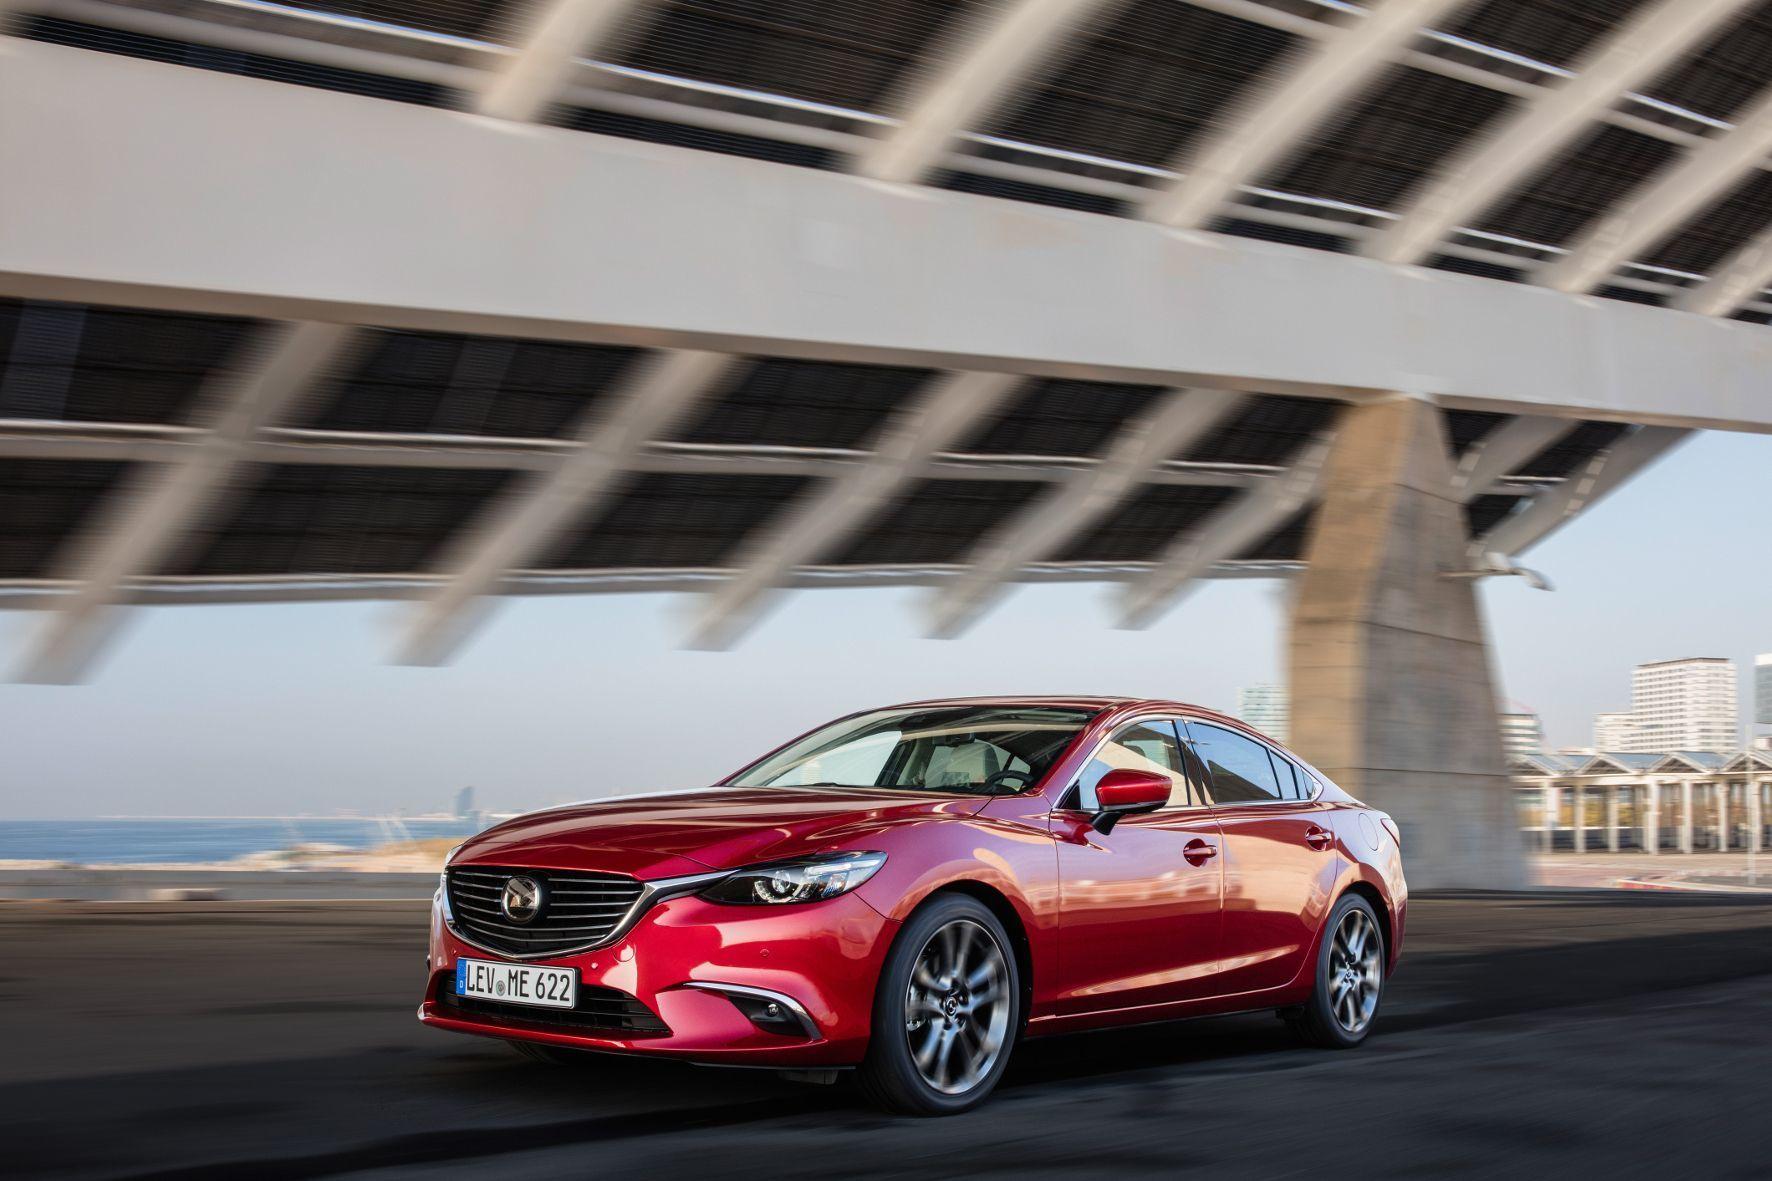 mid Groß-Gerau - Die Auffrischung im vergangenen Jahr mit leichten Korrekturen an der Außenhaut und neuen Technik-Features hat dem Mazda6 gut getan.